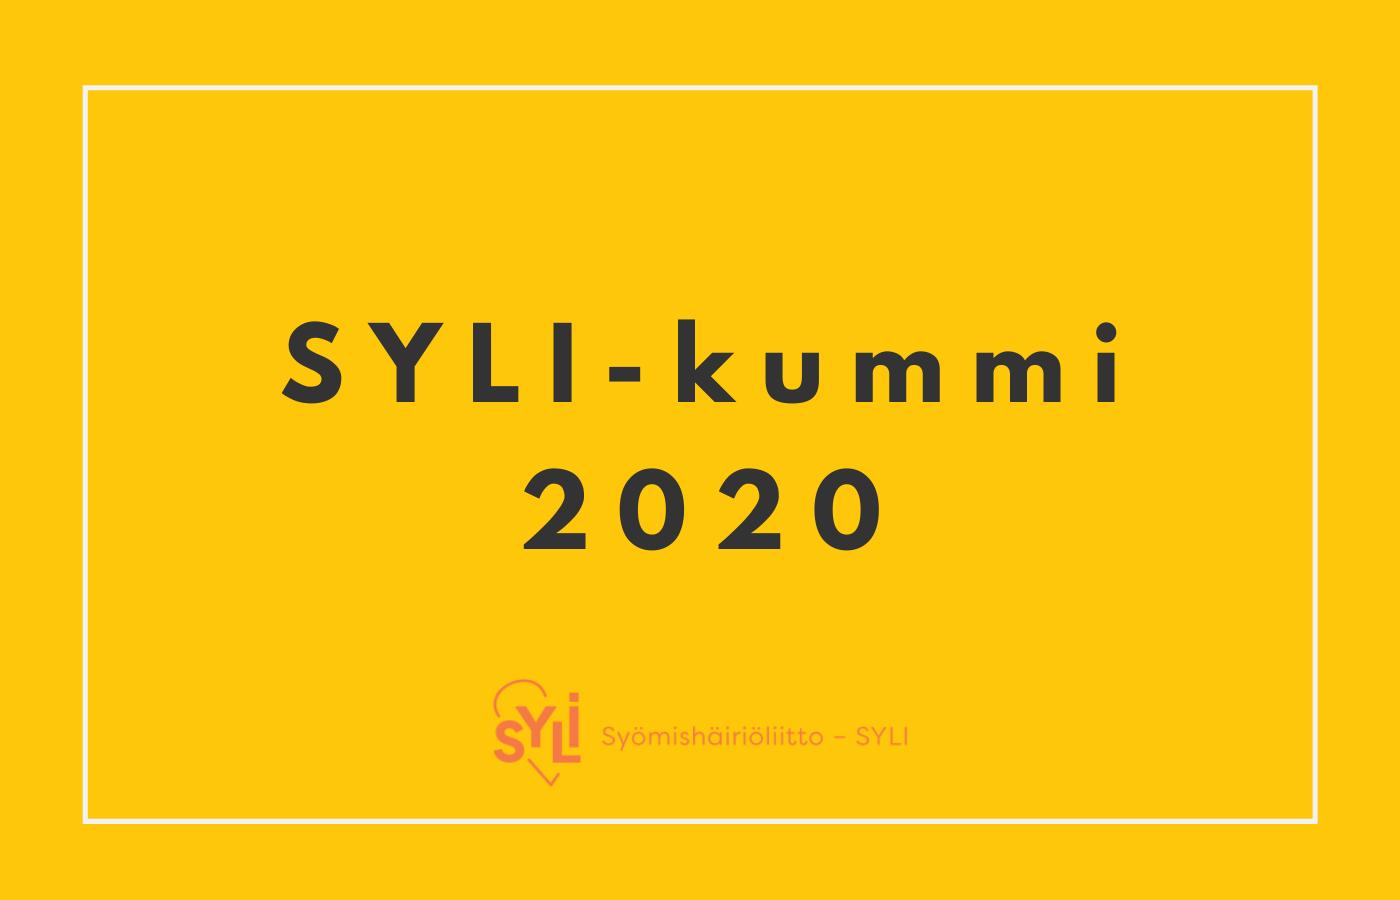 SYLI-kummi 2020 - teksti keltaisella taustalla